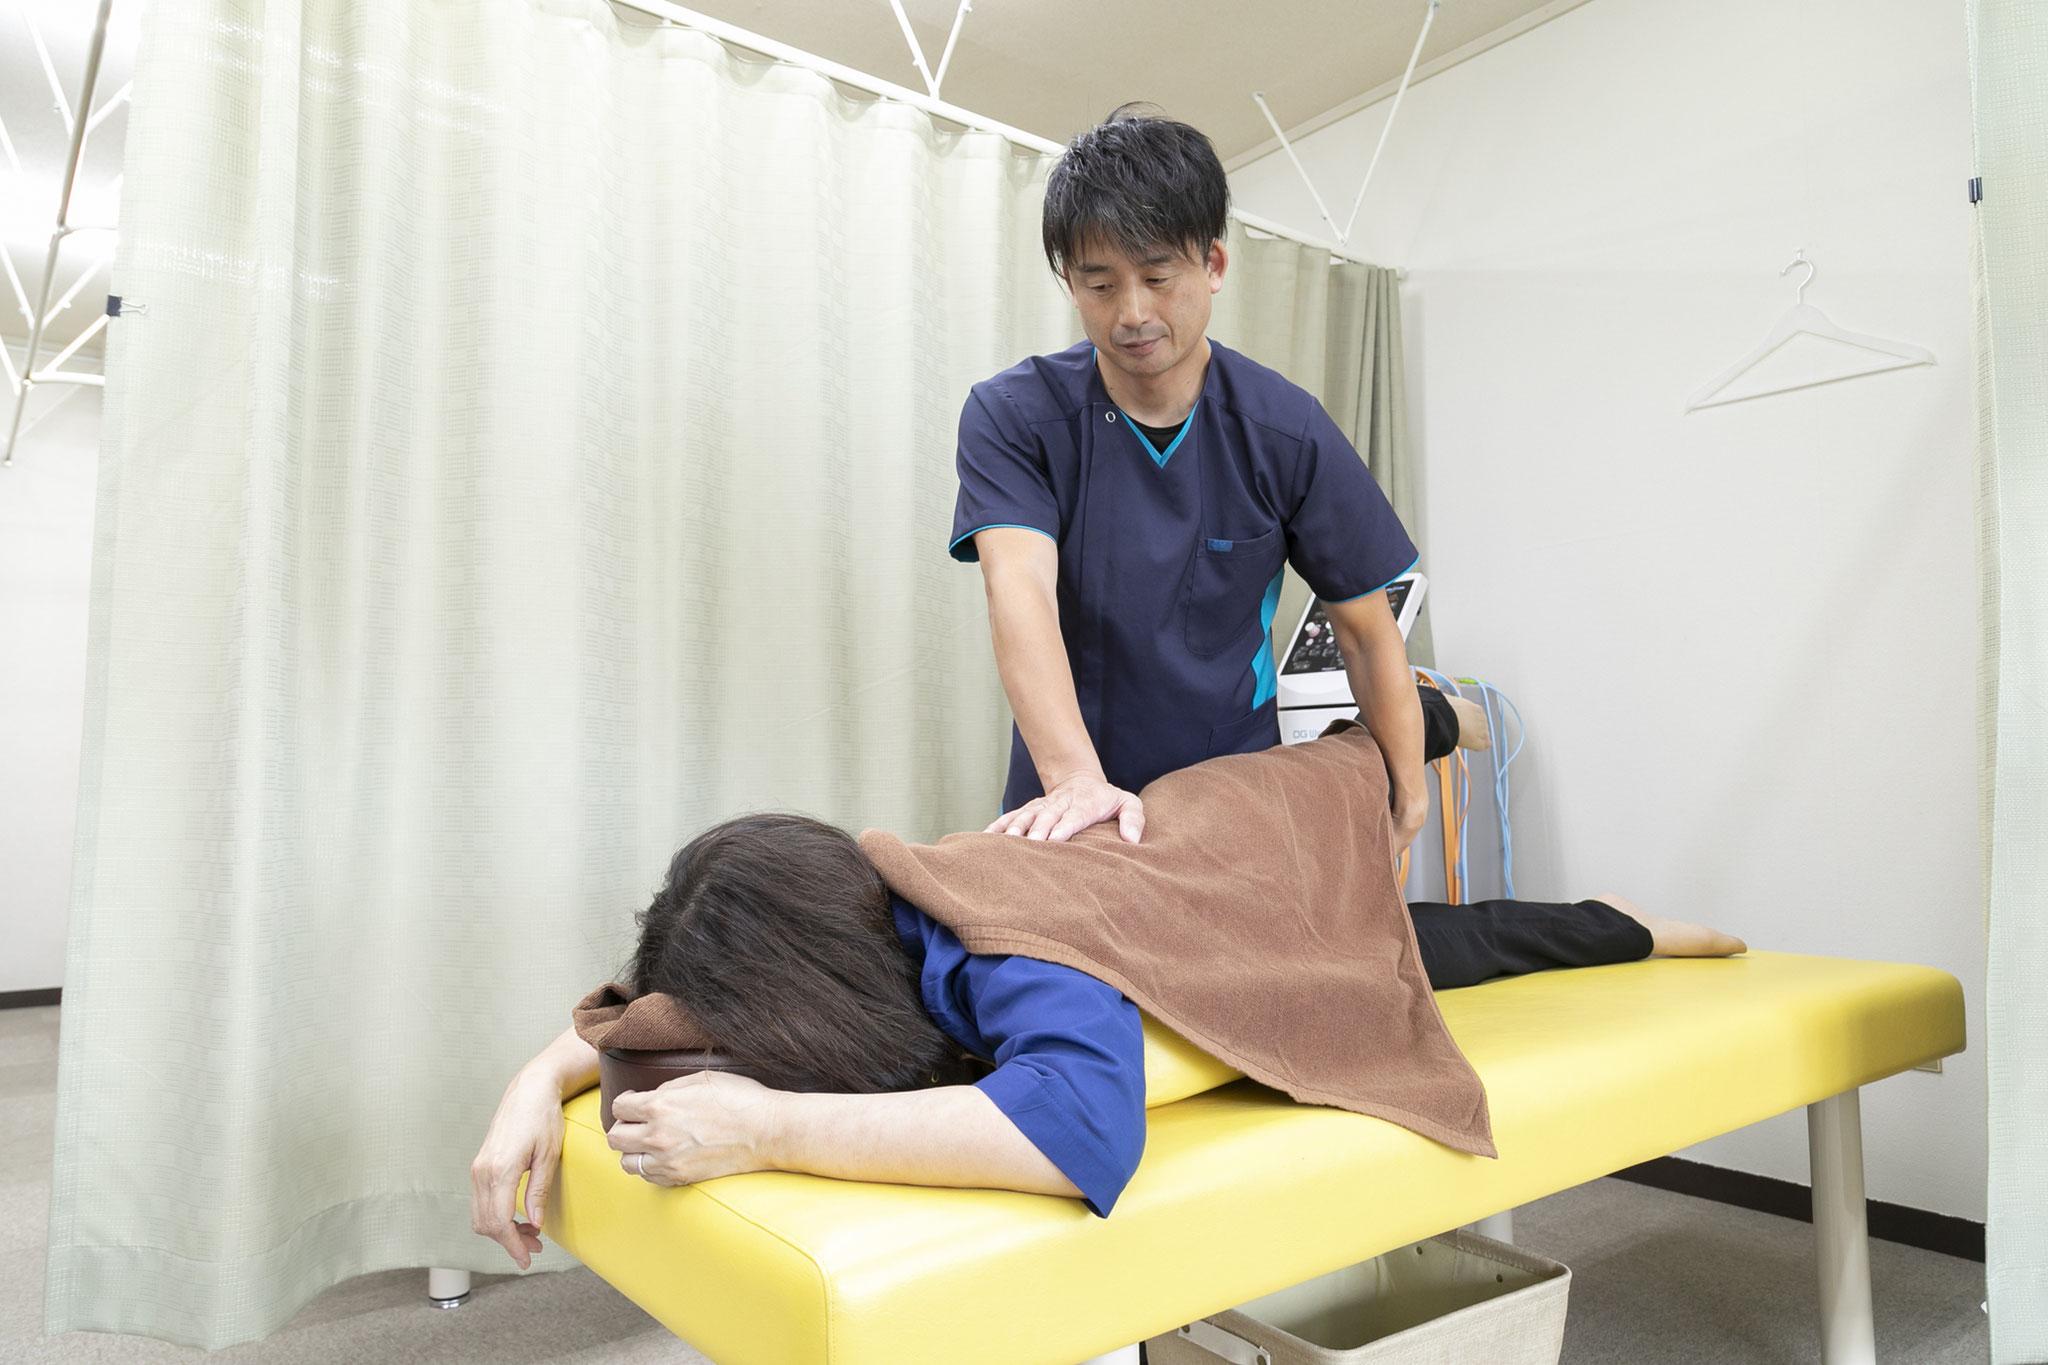 豊富な施術経験で さまざまな症状に対応いたします